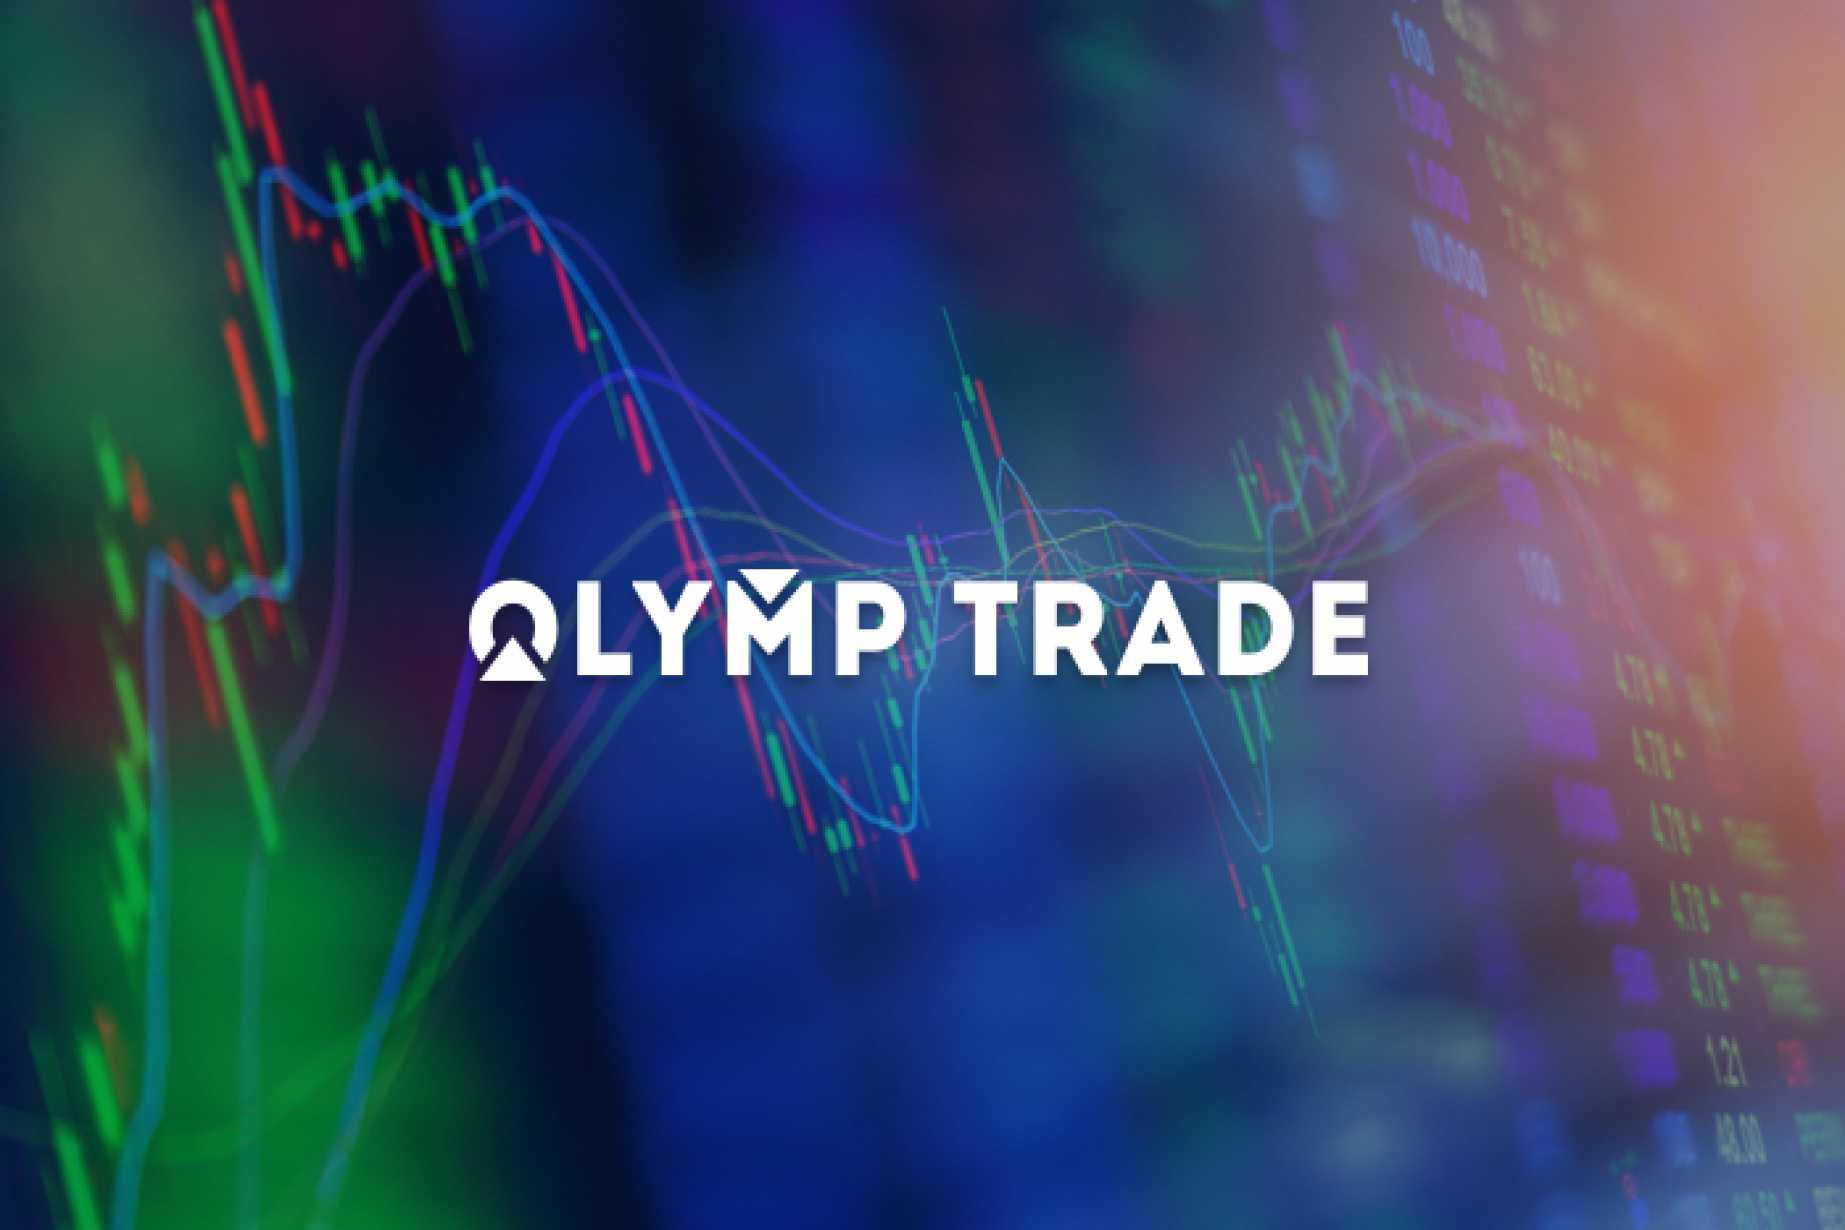 olymp trade forex login